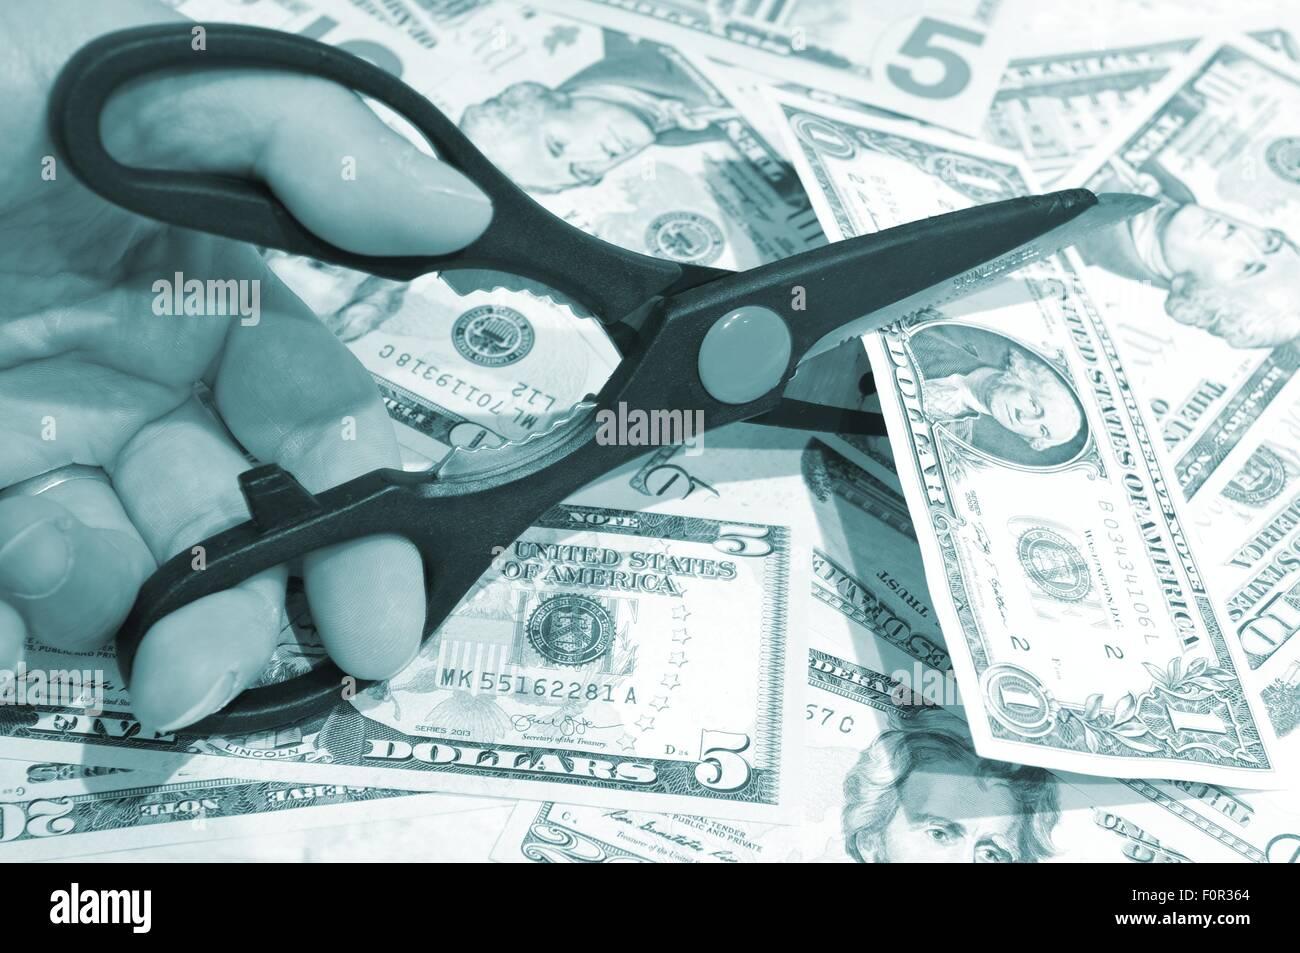 Presupuesto concepto Corte con tijeras y dólares de EE.UU. Imagen De Stock